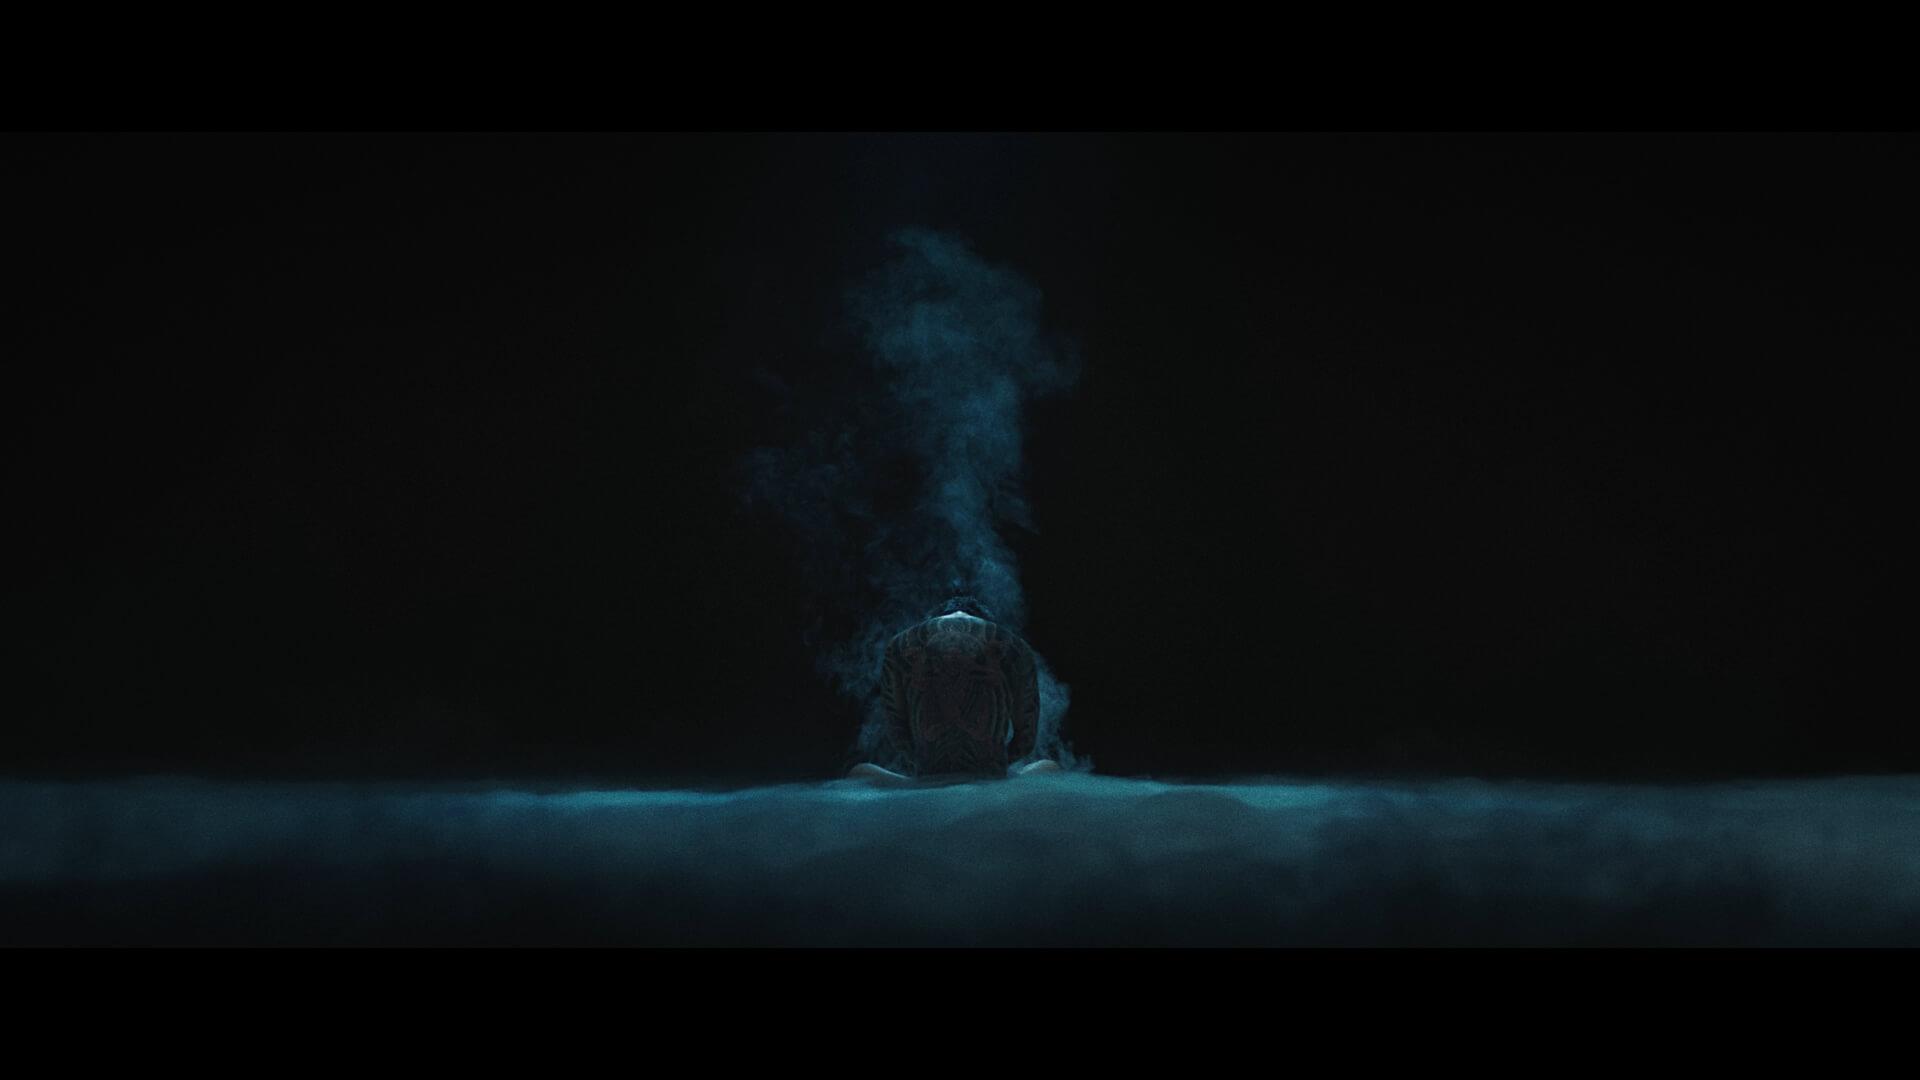 """常田大希率いるmillennium paradeの新曲""""FAMILIA""""が配信開始&MV解禁!『ヤクザと家族 The Family』の綾野剛らも出演 music210120_millenniumparade_3"""